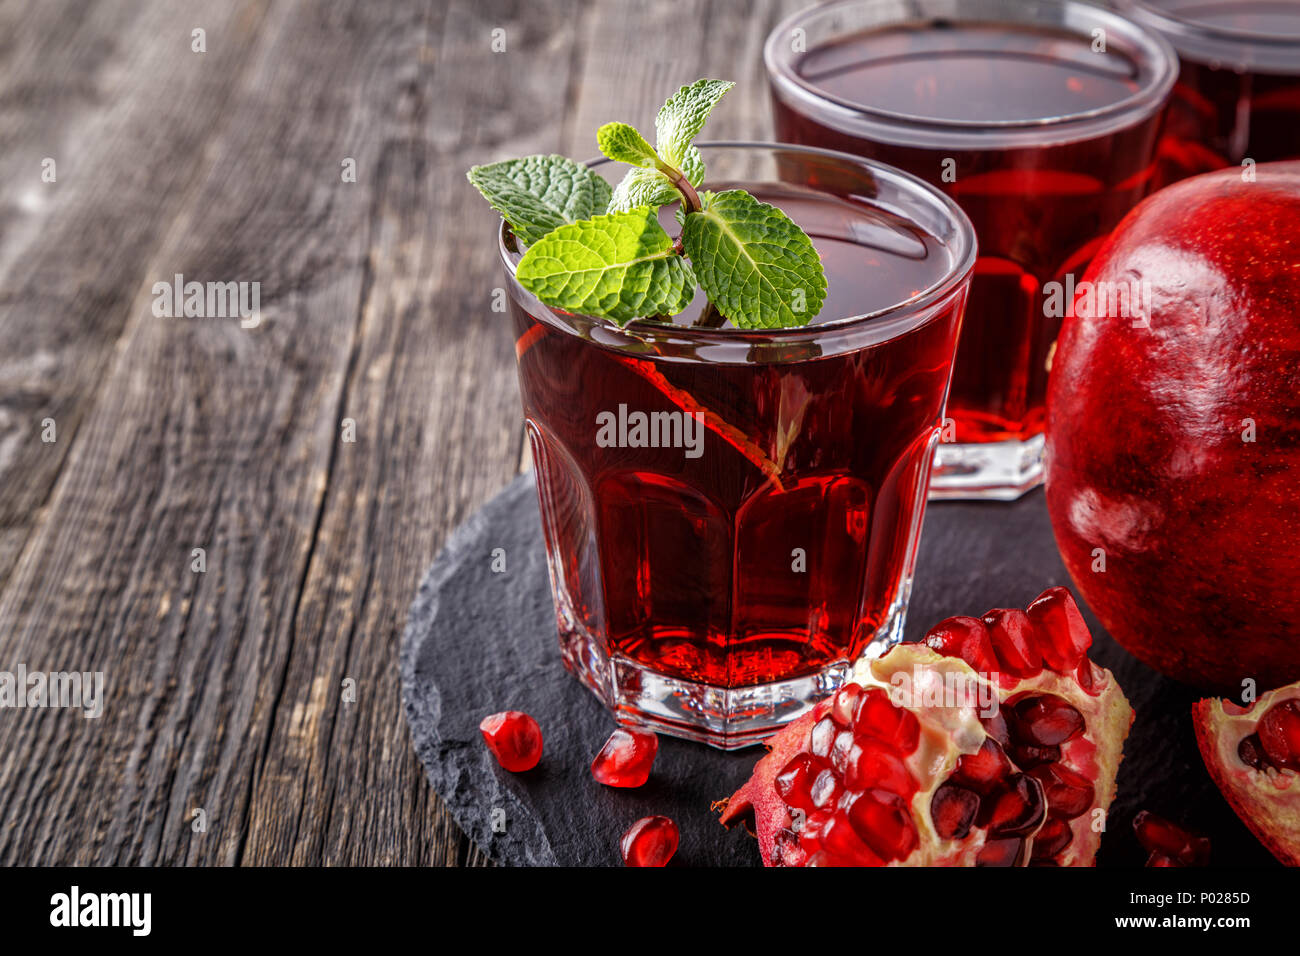 Glas Granatapfelsaft mit frischer Granatapfel Obst und Minze auf Holztisch, gesundes Getränk Konzept. Stockbild